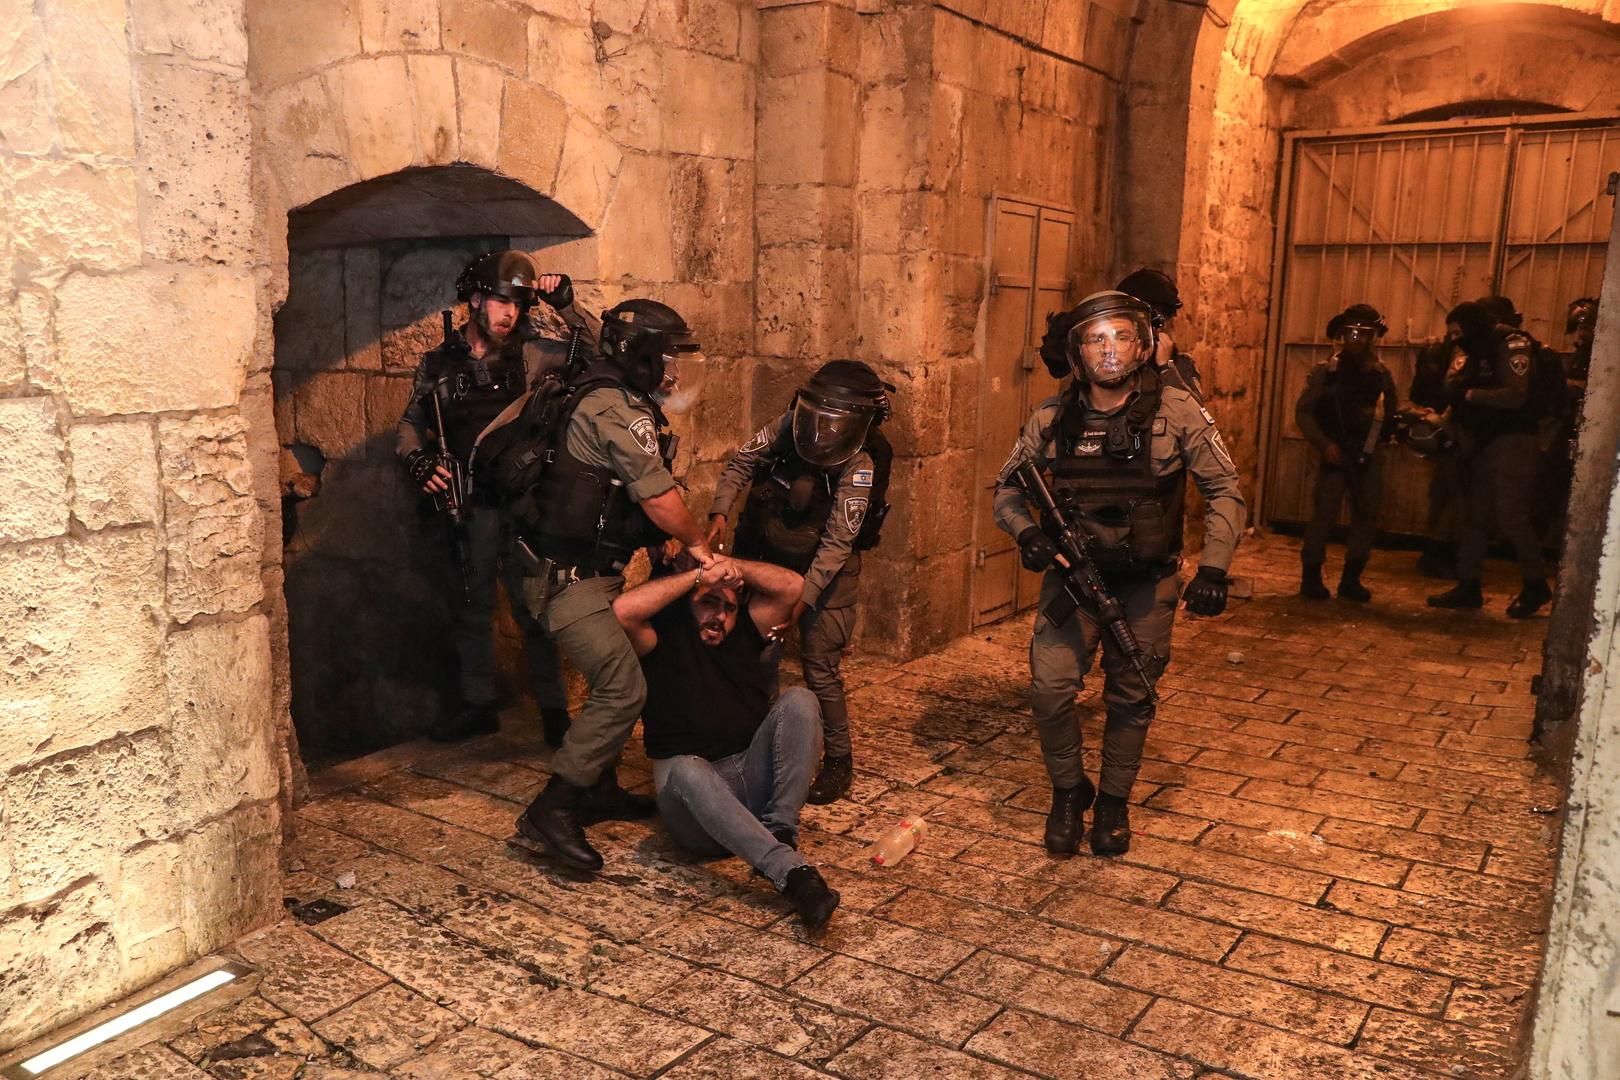 القوات الإسرائيلية تعتقل فلسطينيا في القدس، 24 أبريل 2021